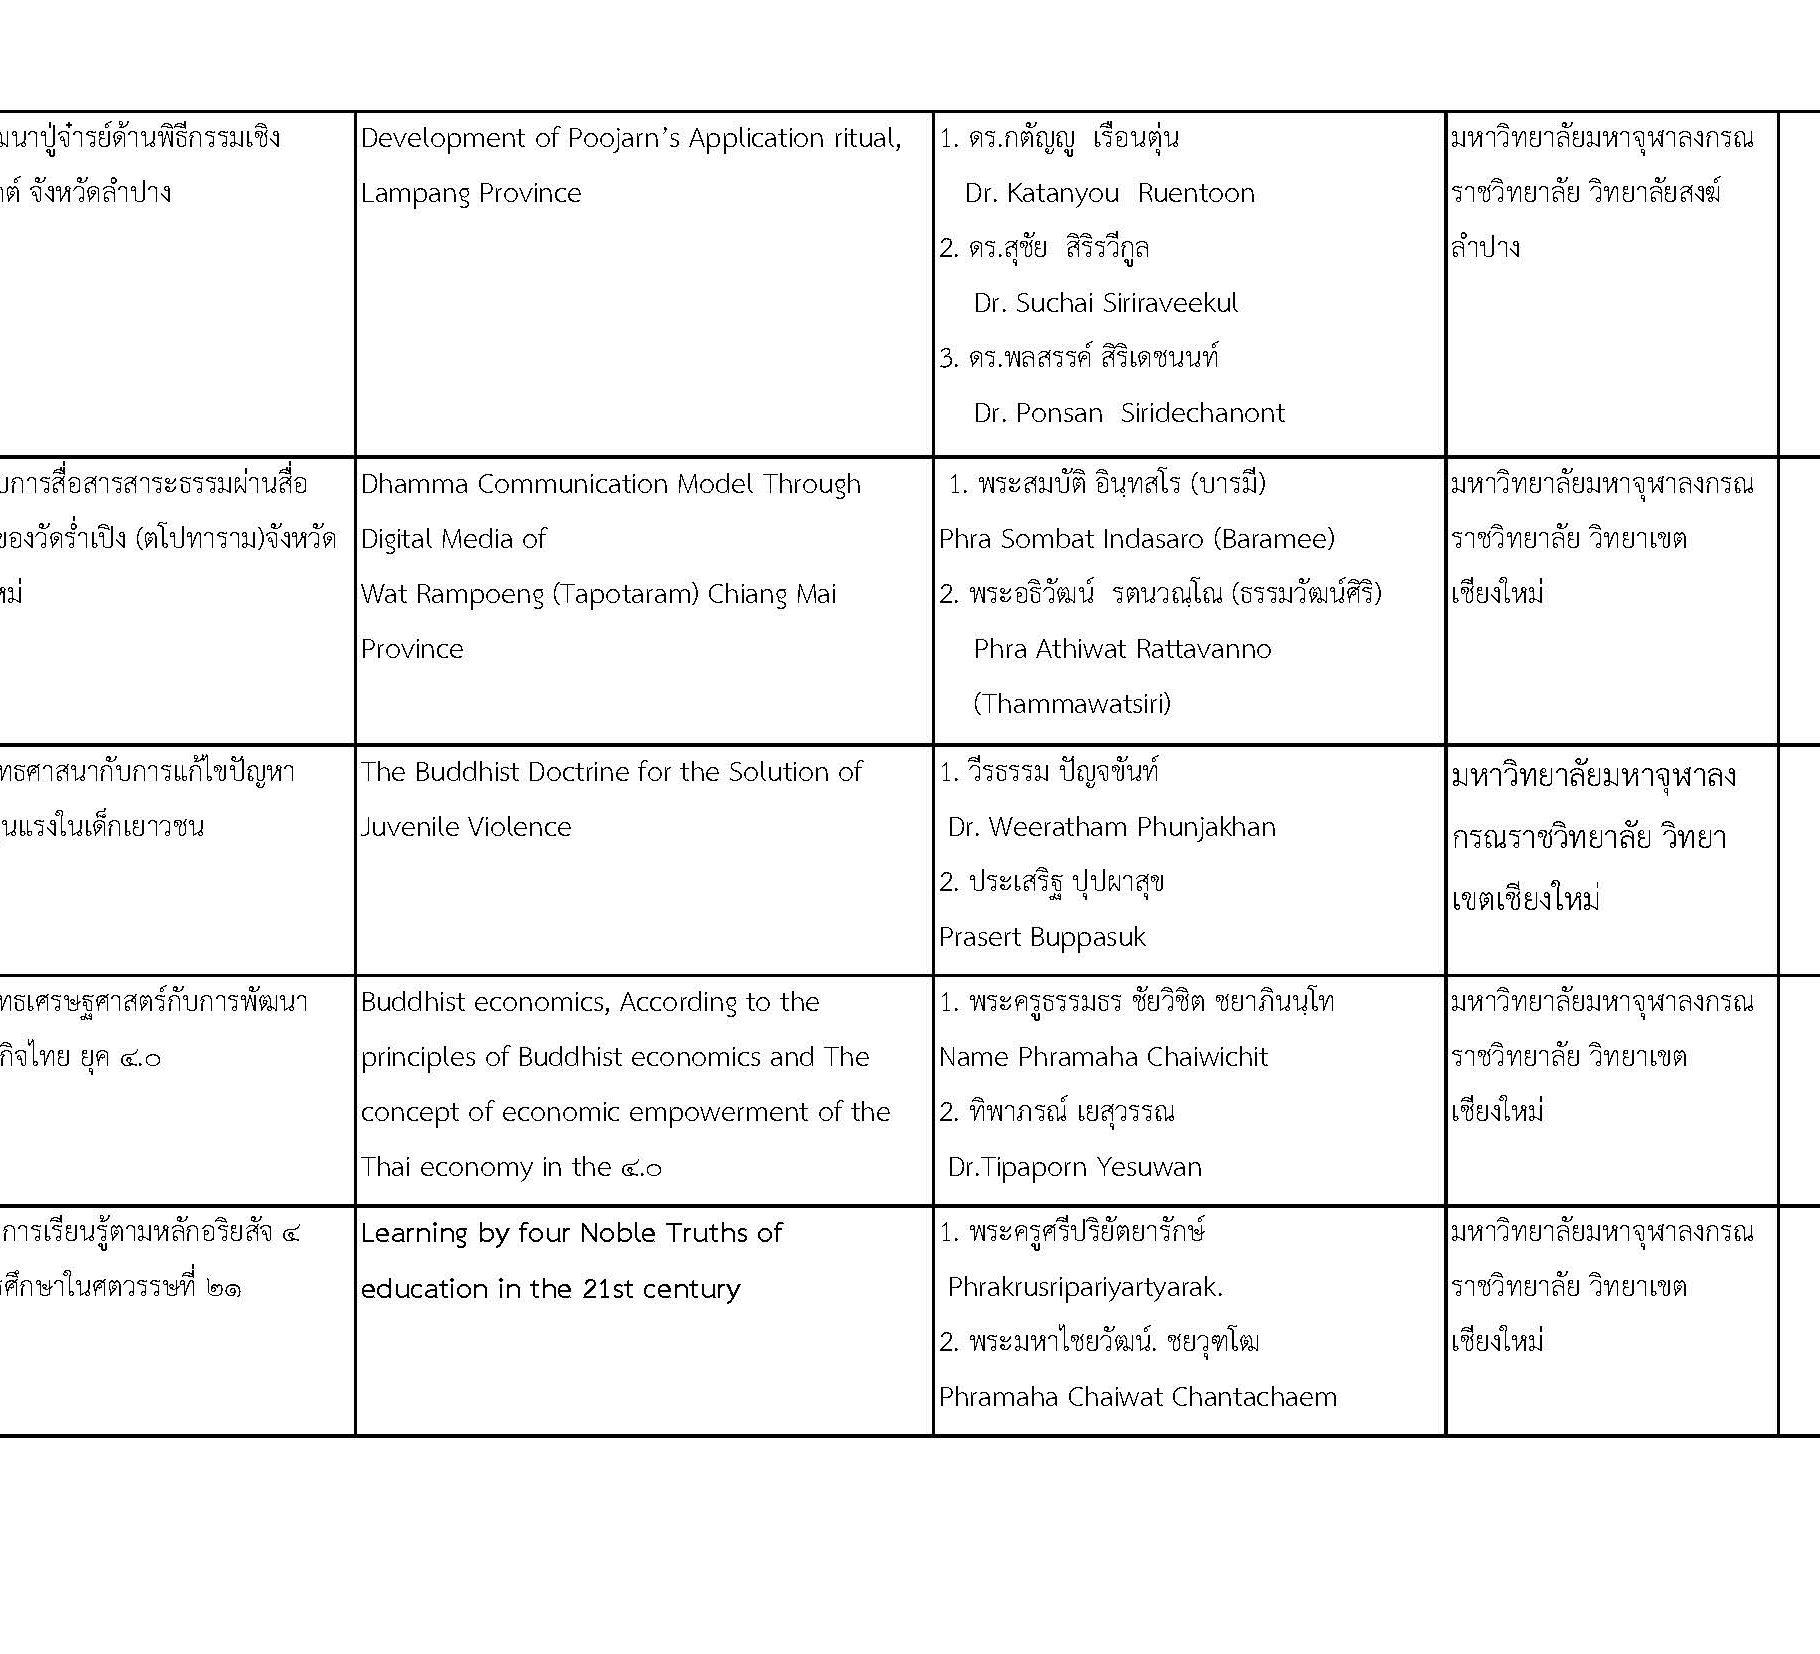 การประชุมวิชาการพระพุทธศาสนาและศิลปวัฒนธรรมระดับชาติและนานาชาติครั้งที่ ๒_Page_11